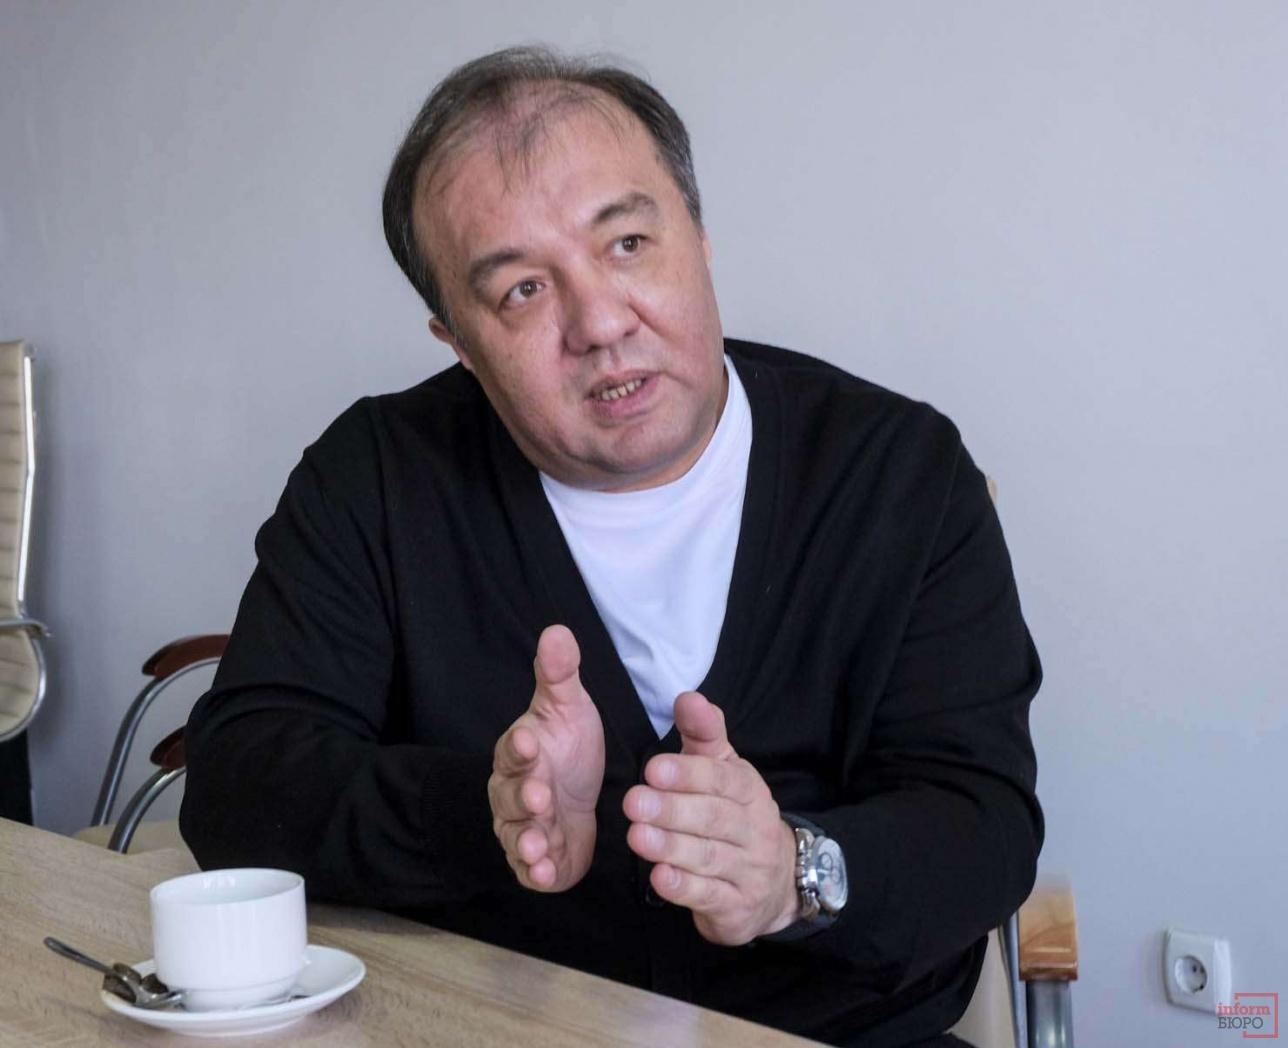 Олжас Байканов много лет был концертным директором певца